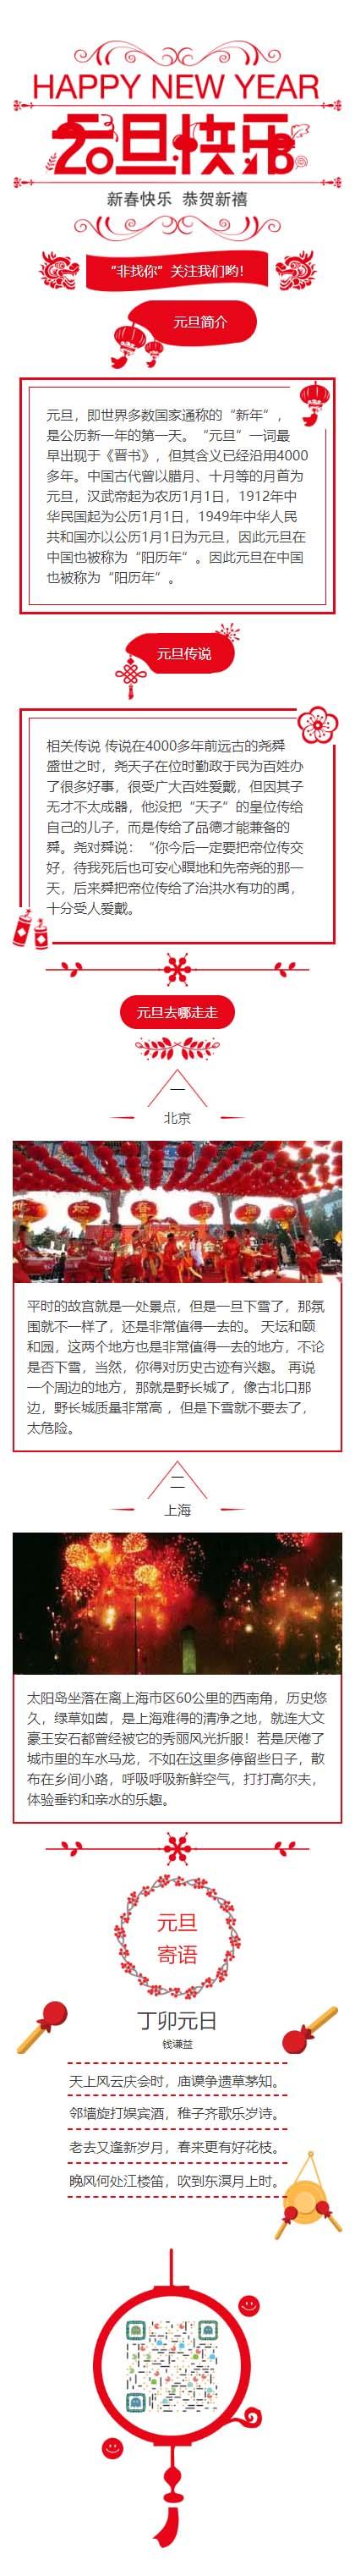 新年元旦传统节日微信推文风格模板推送素材